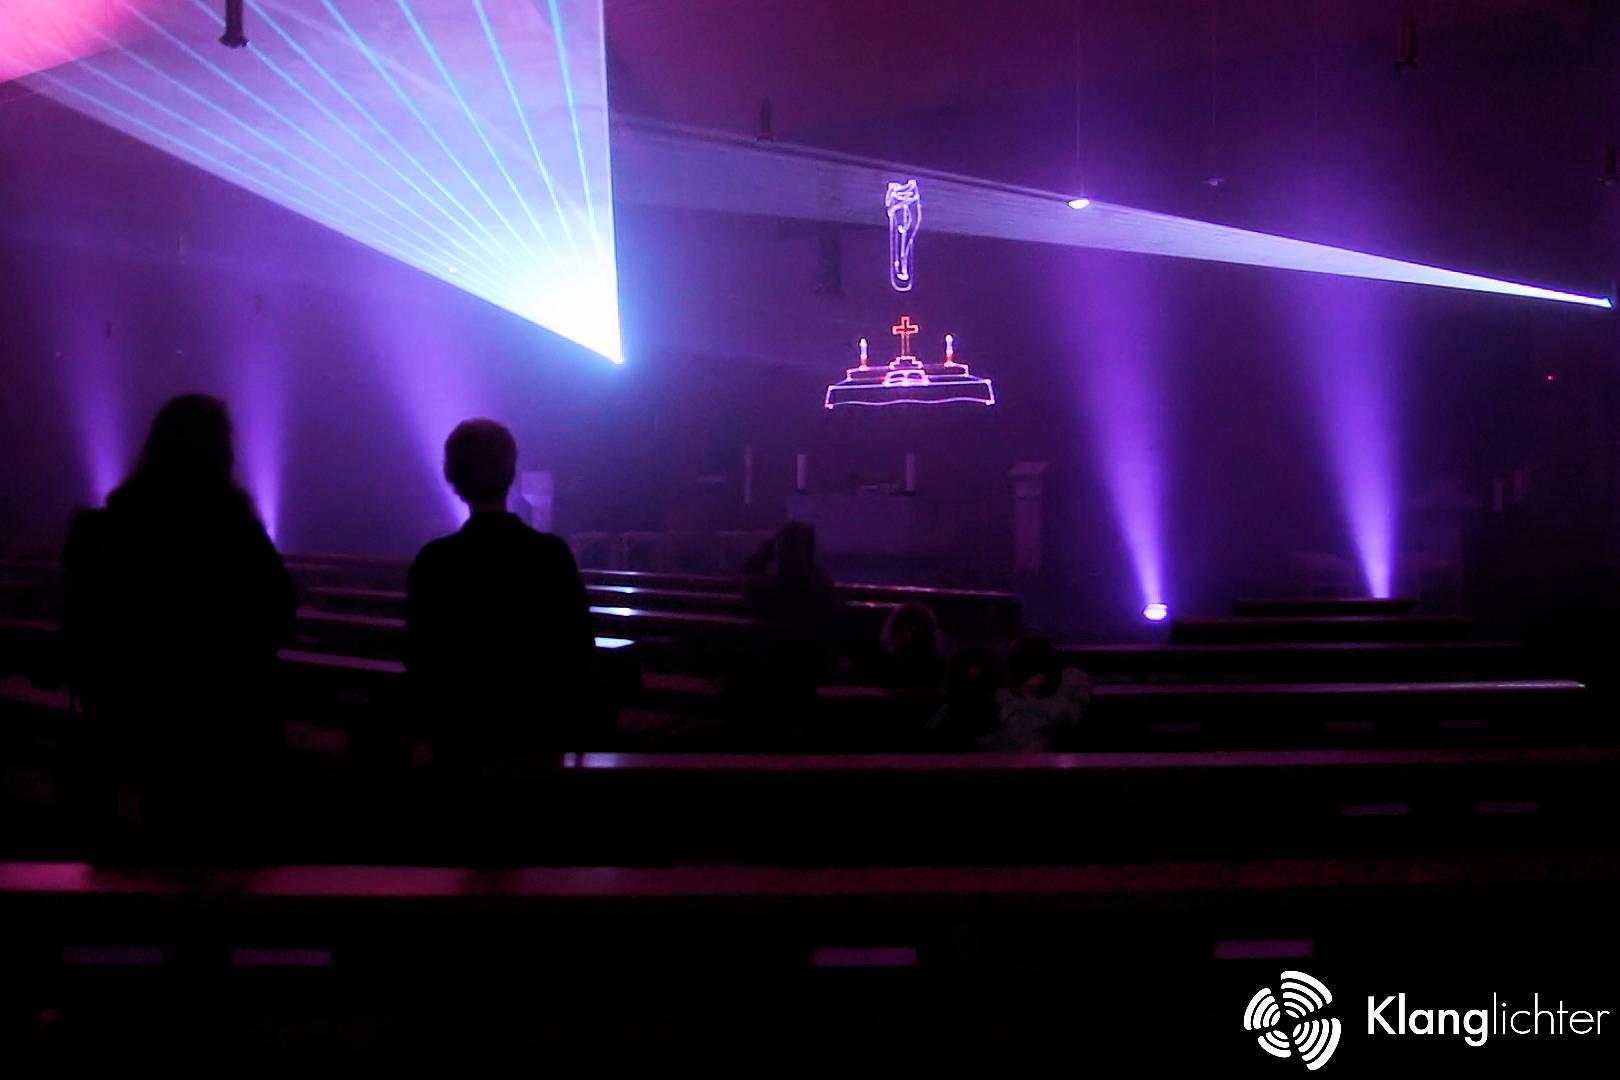 CORPORATE Lasershow: Meditative Lasershow anlässlich 50 Jahre St. Franziskus - Geschichte über dem Altar